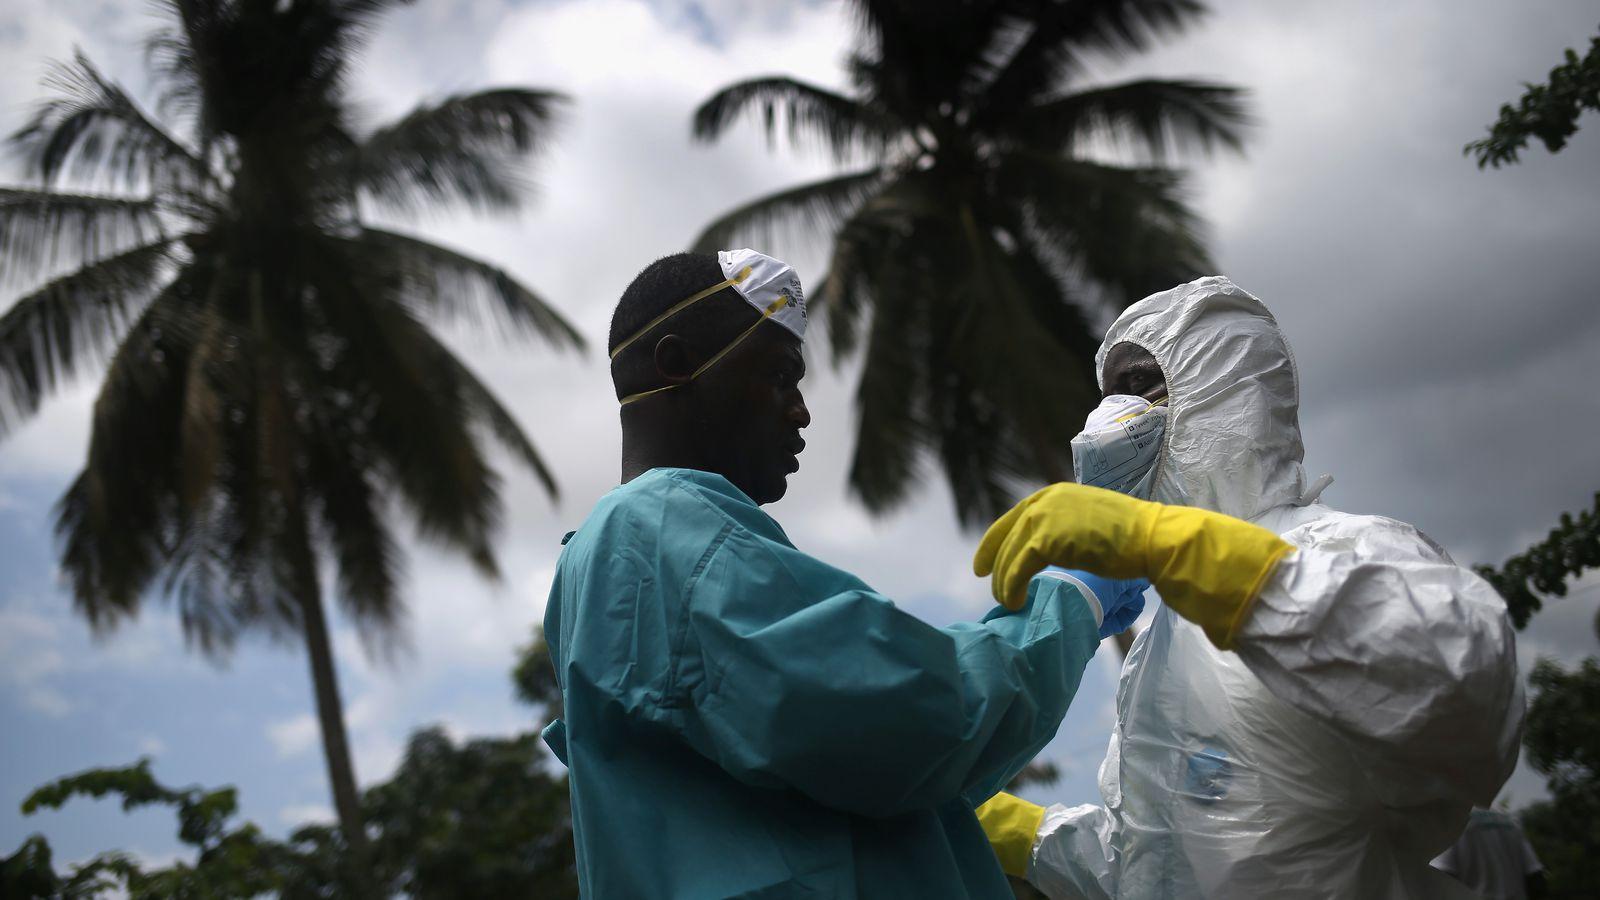 Вирус эбола - невидимая угроза миру